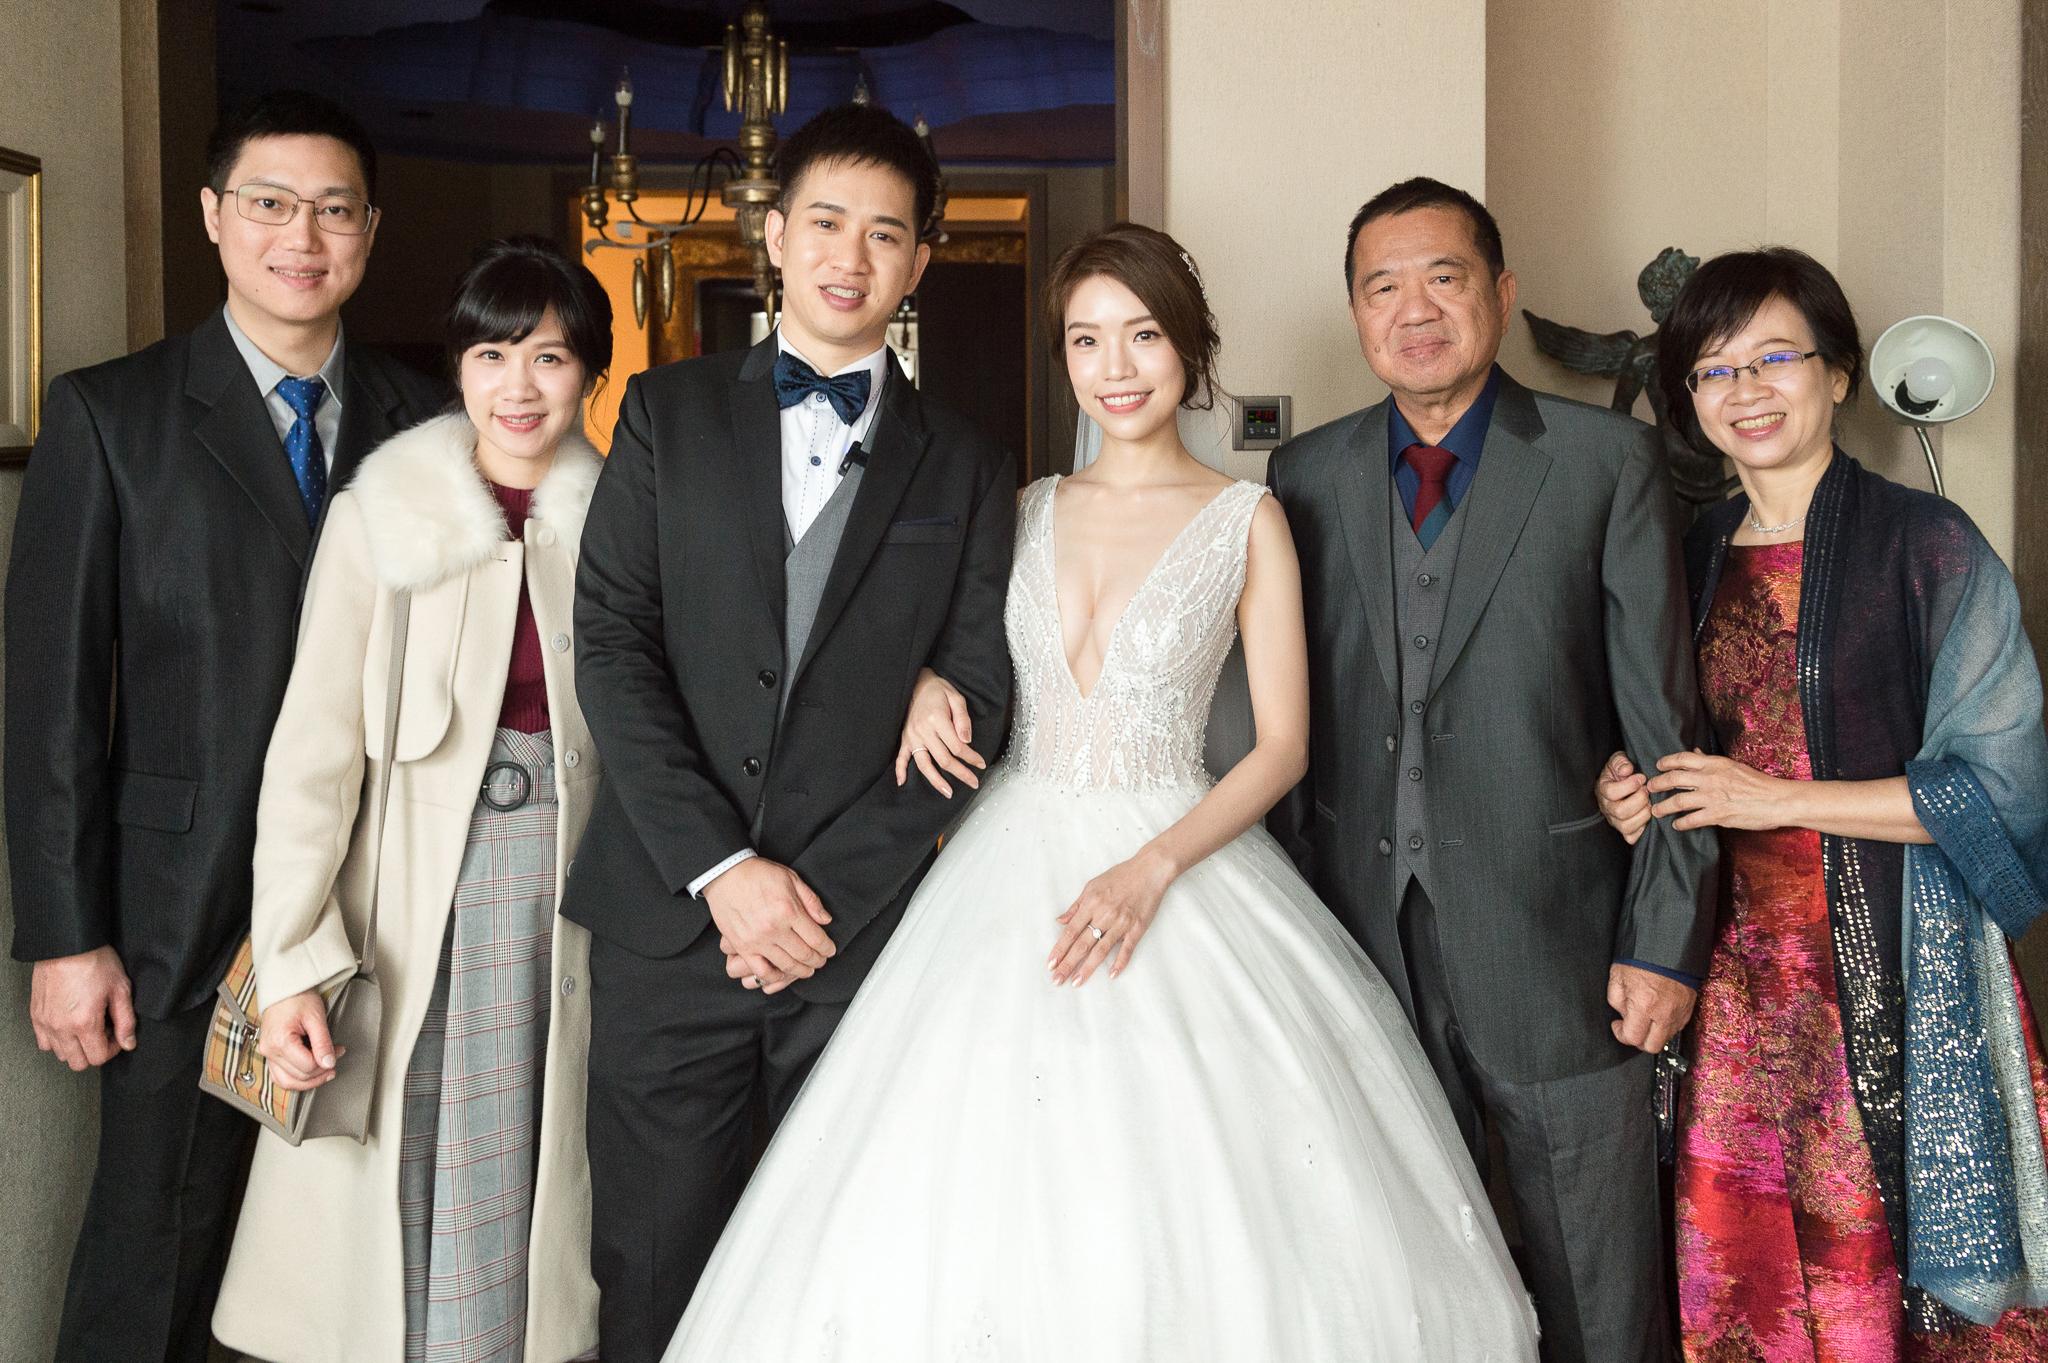 婚禮紀錄 婚攝小亮 推薦婚攝 君品酒店 君品婚攝 台北婚攝 ptt推薦